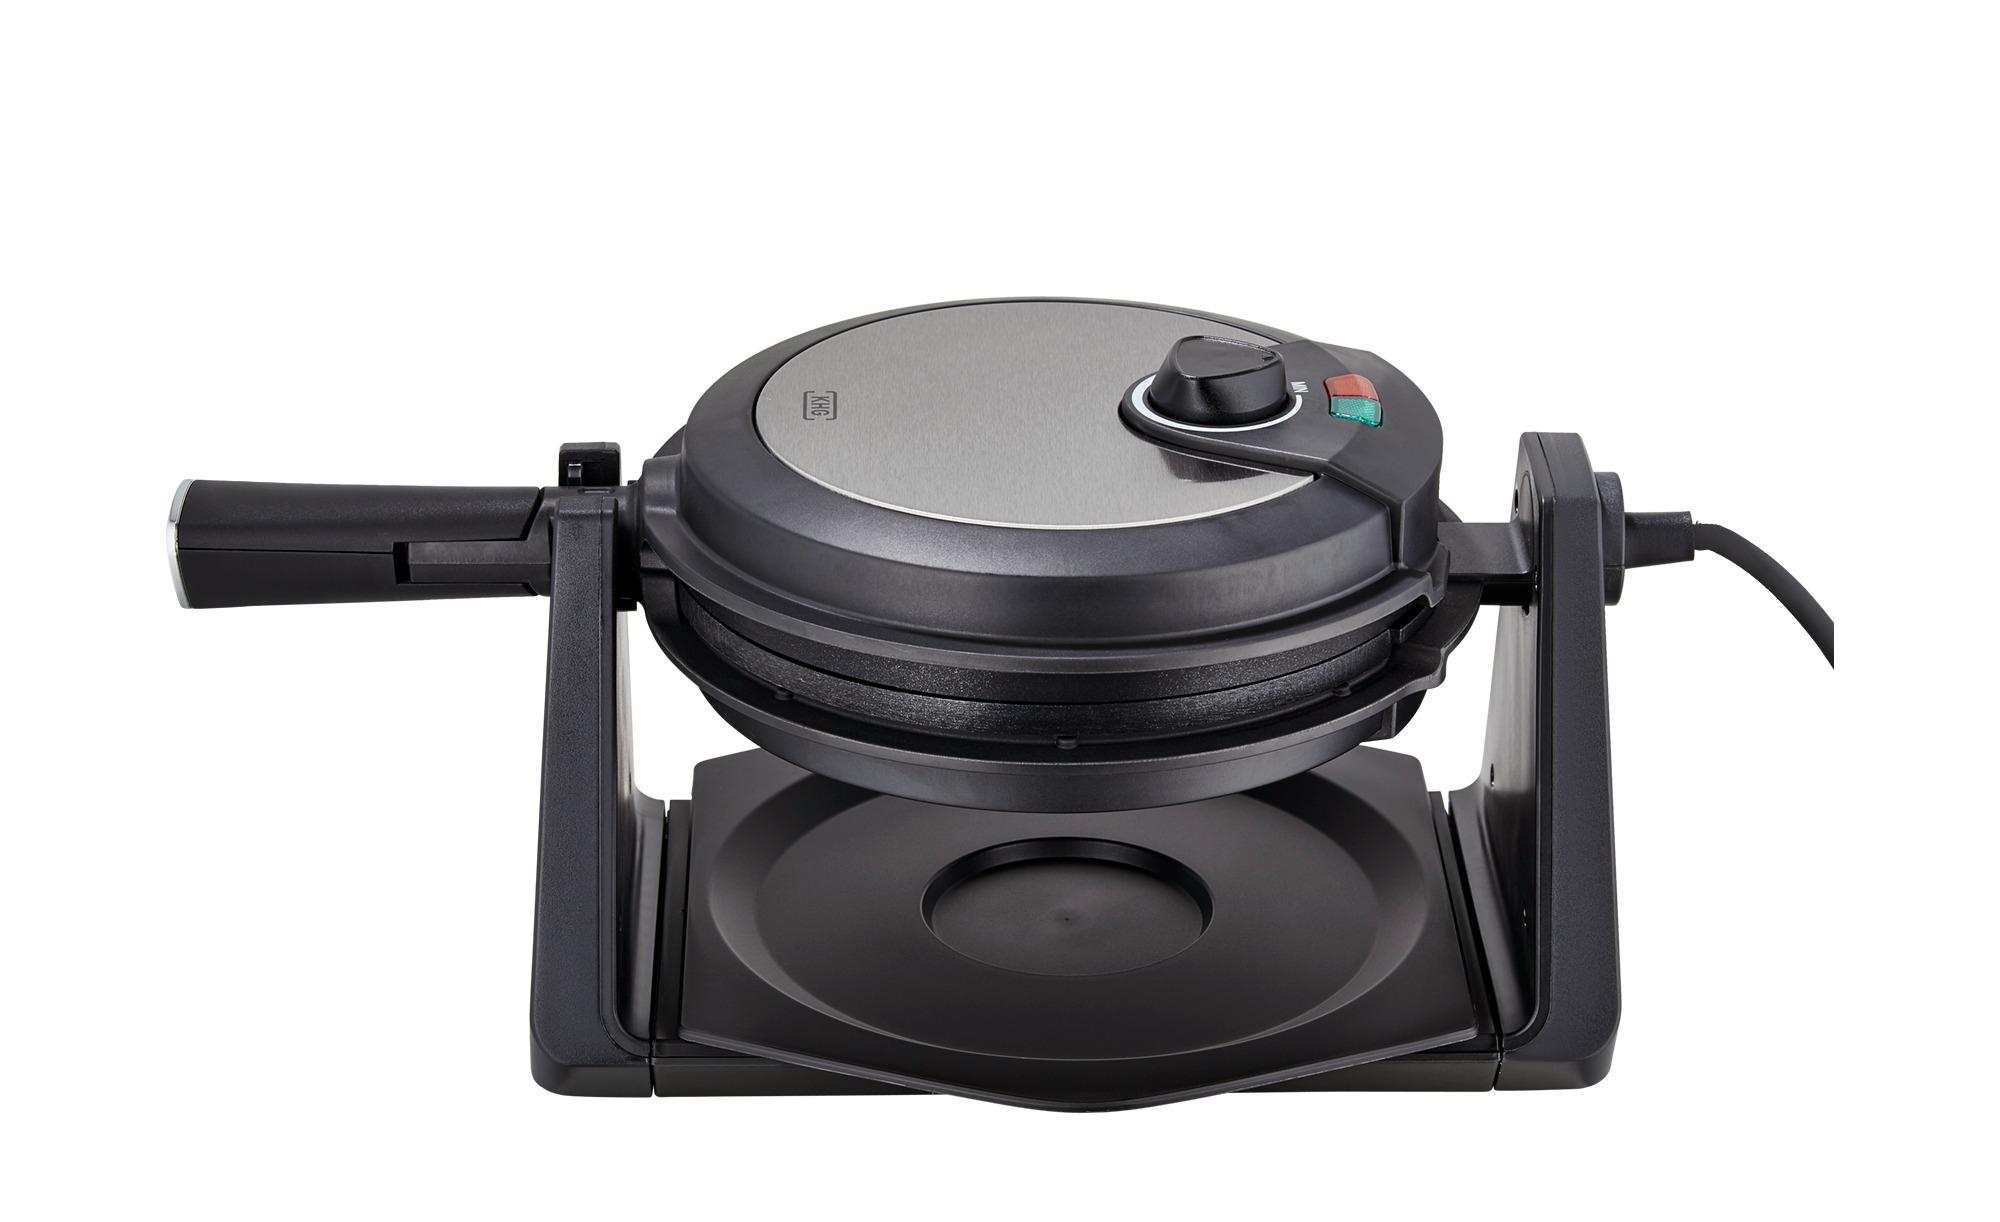 KHG Waffeleisen  WMR-1000 - schwarz - Metall-lackiert - 24 cm - 18,7 cm - 39,6 cm - Sconto | Küche und Esszimmer > Küchengeräte > Waffeleisen | KHG